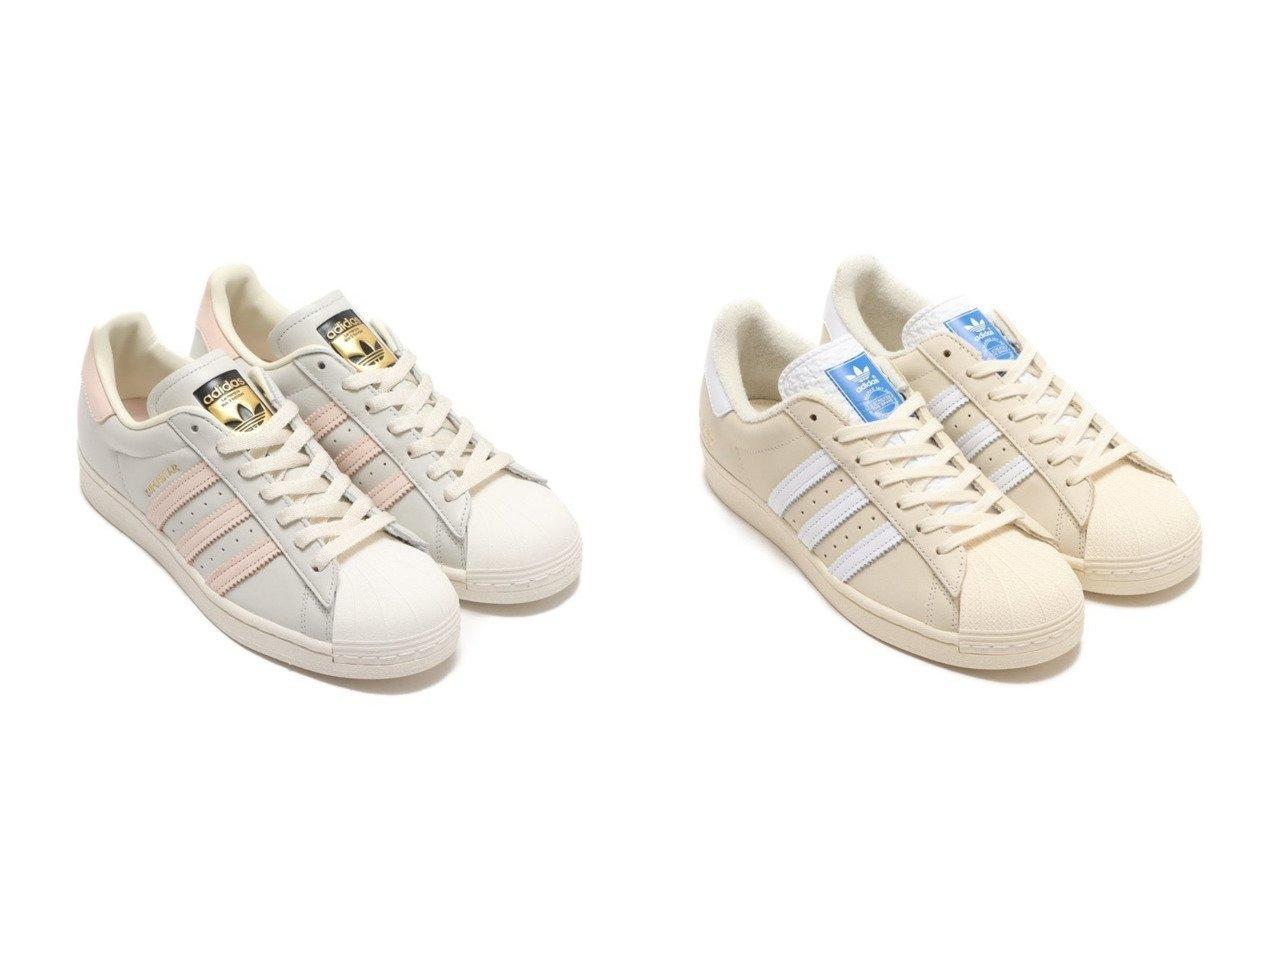 【adidas/アディダス】のadidas SUPERSTAR&adidas SUPERSTAR 【シューズ・靴】おすすめ!人気、トレンド・レディースファッションの通販 おすすめで人気の流行・トレンド、ファッションの通販商品 インテリア・家具・メンズファッション・キッズファッション・レディースファッション・服の通販 founy(ファニー) https://founy.com/ ファッション Fashion レディースファッション WOMEN NEW・新作・新着・新入荷 New Arrivals シューズ スニーカー スリッポン |ID:crp329100000053132